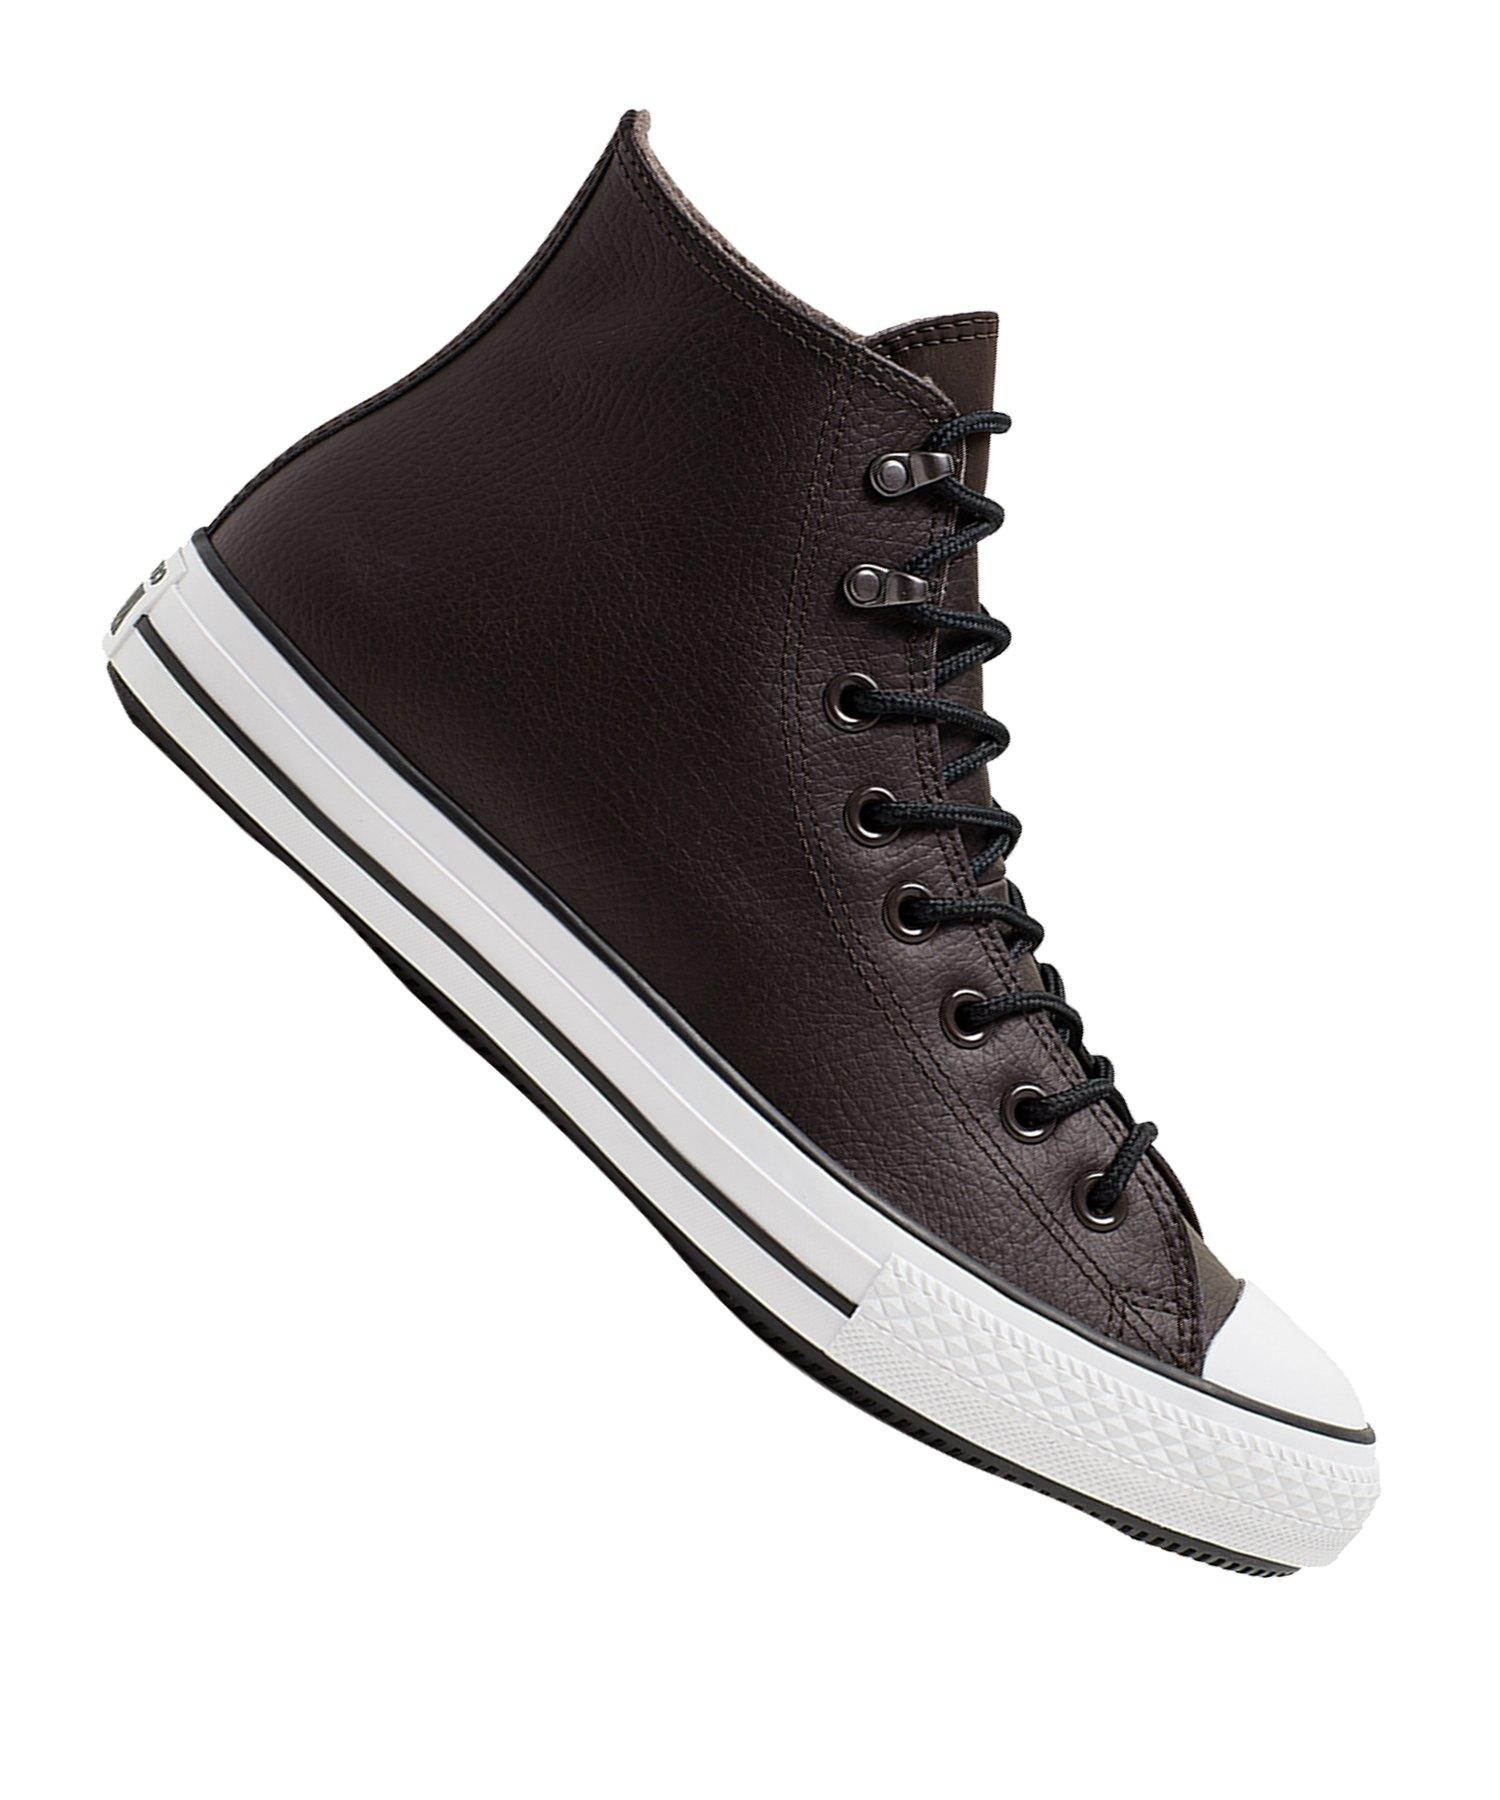 U.S. Polo Schuhe Herren Sneakers Grün Freizeitschuhe